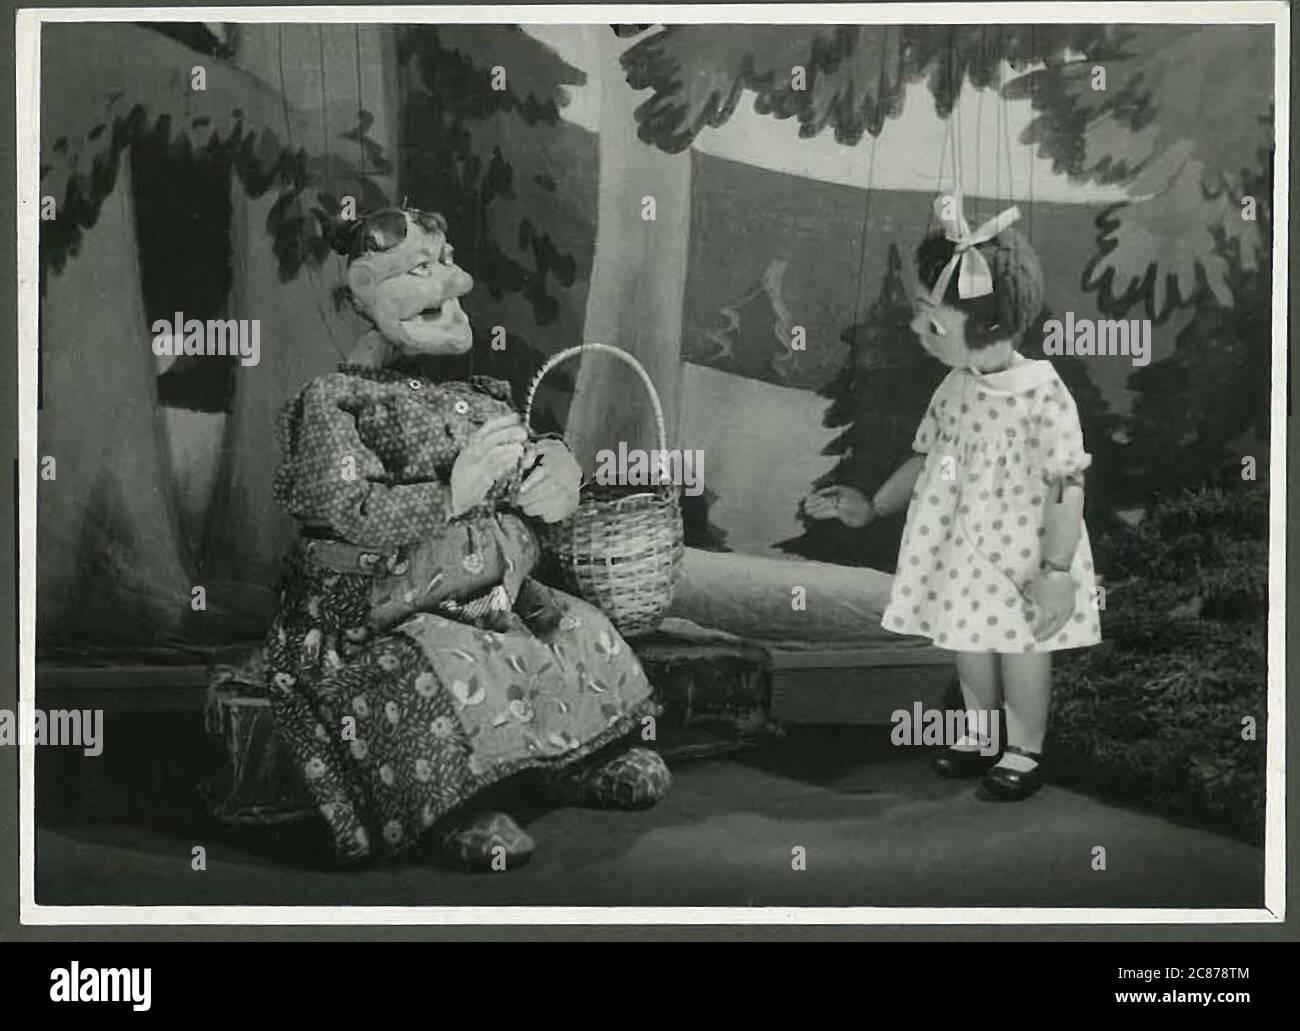 Le professeur Josef Skupa (1892-1957) était un marionnettiste tchèque qui, au début des années 1920, créa ses marionnettes les plus célèbres : le père comique Spejbl et son fils rascal Hurvinek, qui créèrent en 1930 le premier] théâtre de marionnettes professionnel moderne. Pendant l'occupation nazie de la Tchécoslovaquie, Skupa a joué des pièces de marionnettes satiriques et allégoriques sur des centaines d'étapes dans toute la Tchécoslovaquie, menant à l'emprisonnement des marionnettes par les Nazis (dans un classeur!) pour être généralement trop subversif. Après 1945, Skupa a continué à produire du travail pour les enfants et les adultes en Tchécoslovaquie et a également joué à l'étranger. Mani Banque D'Images